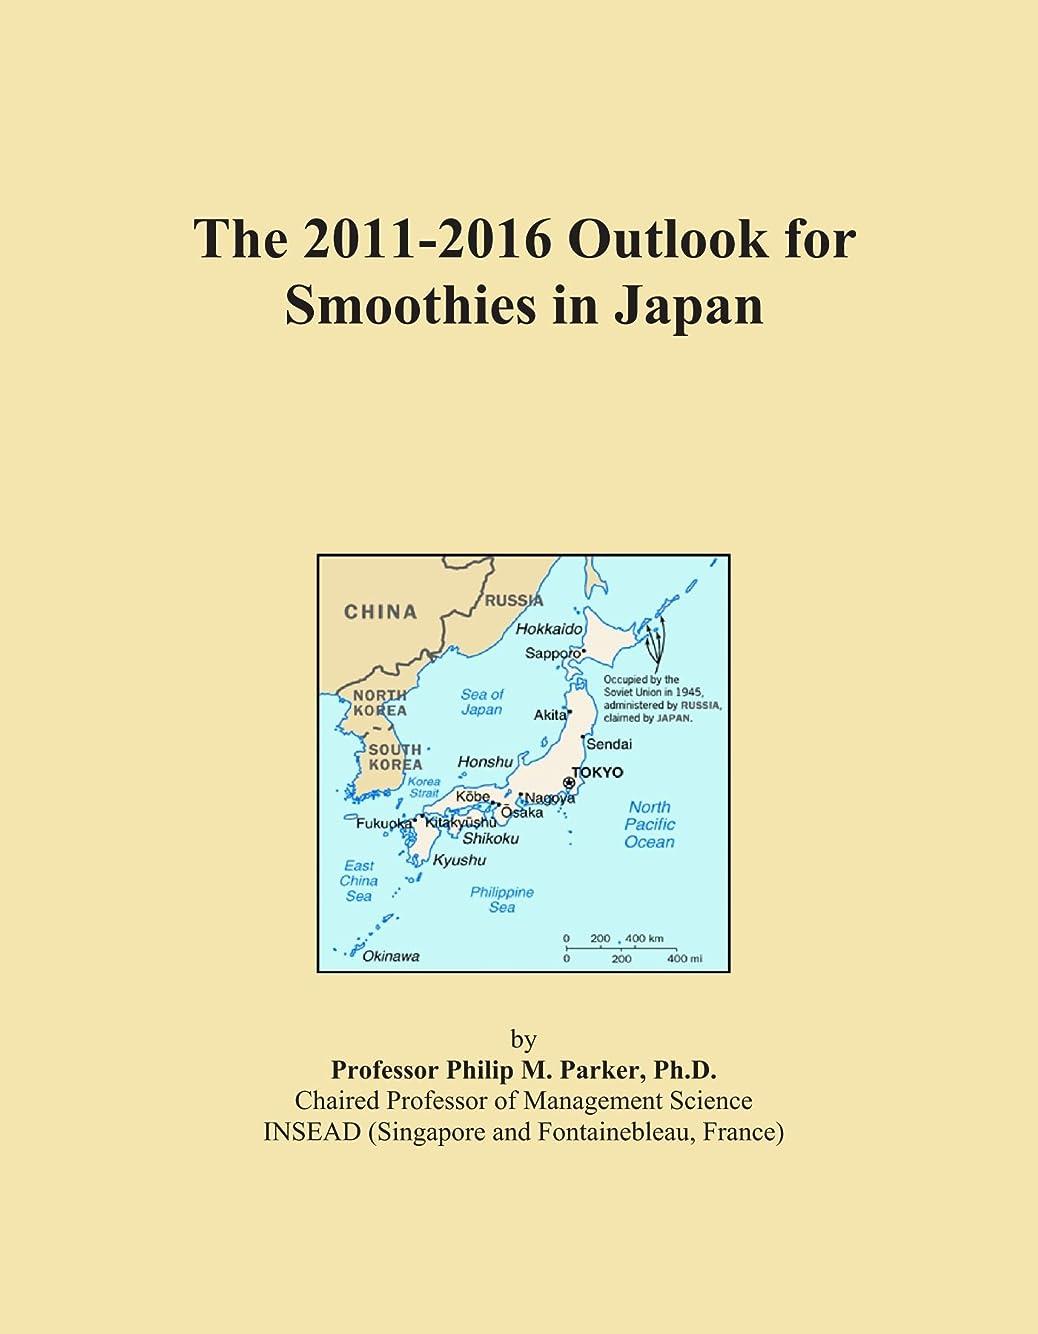 ミニチュアレプリカゴミThe 2011-2016 Outlook for Smoothies in Japan